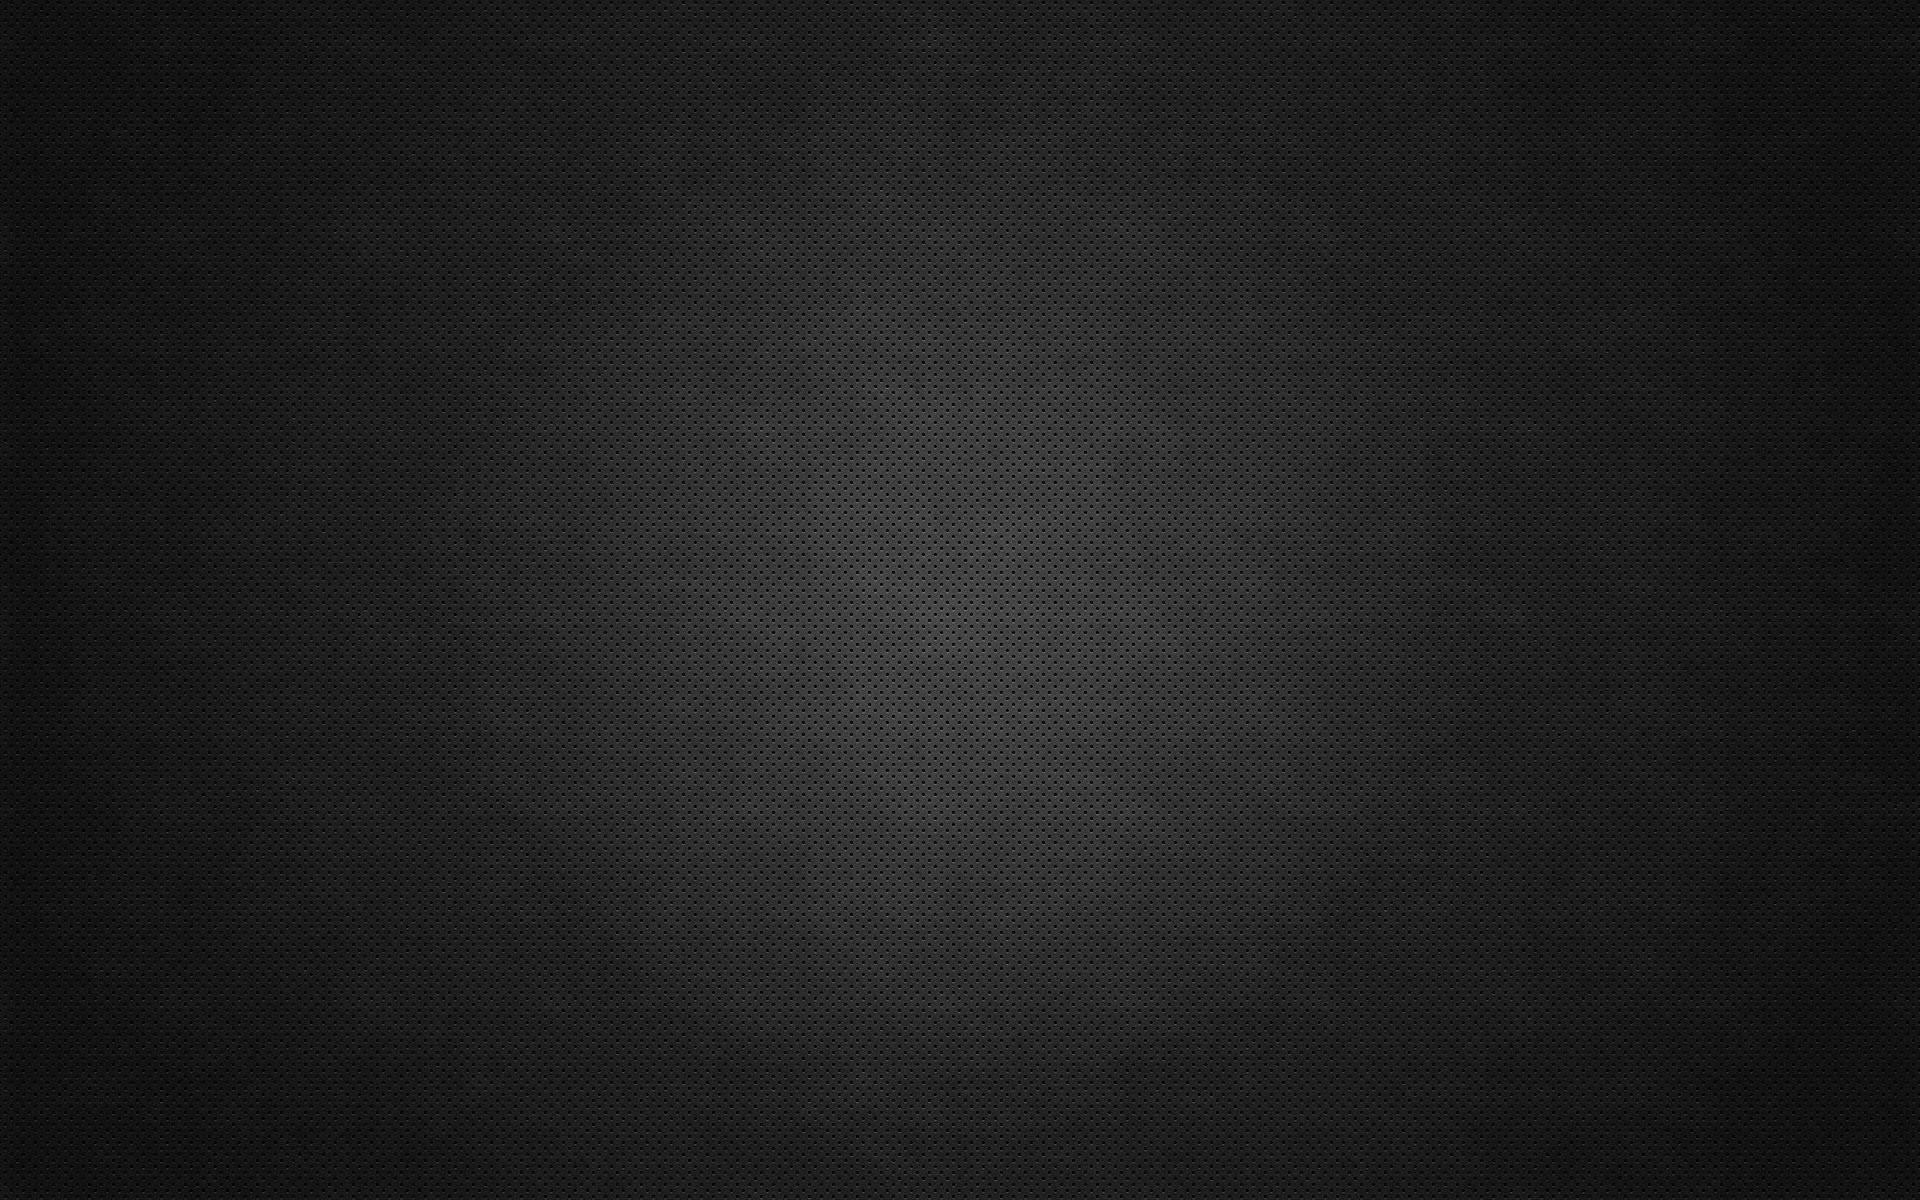 Dark Grey Background 622930